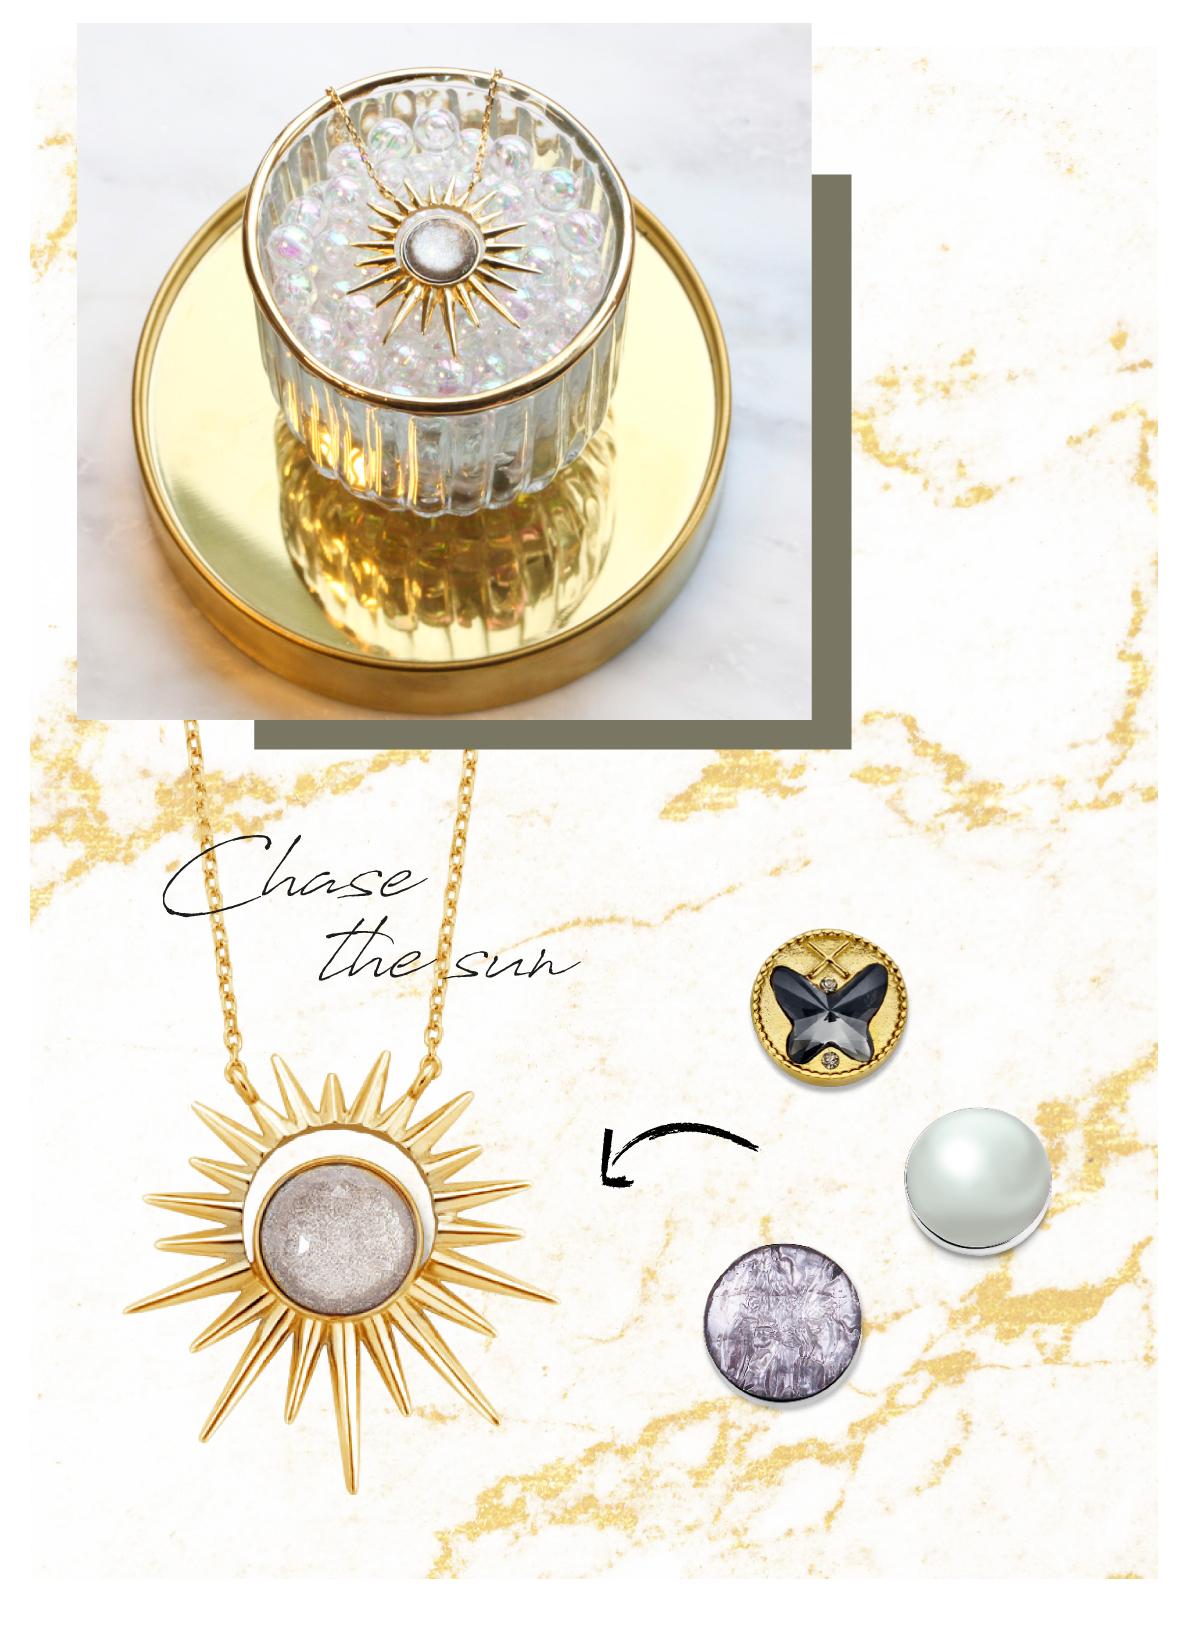 Mi Moneda ruime collectie sieraden bij Wolters Juweliers Coevorden Emmen